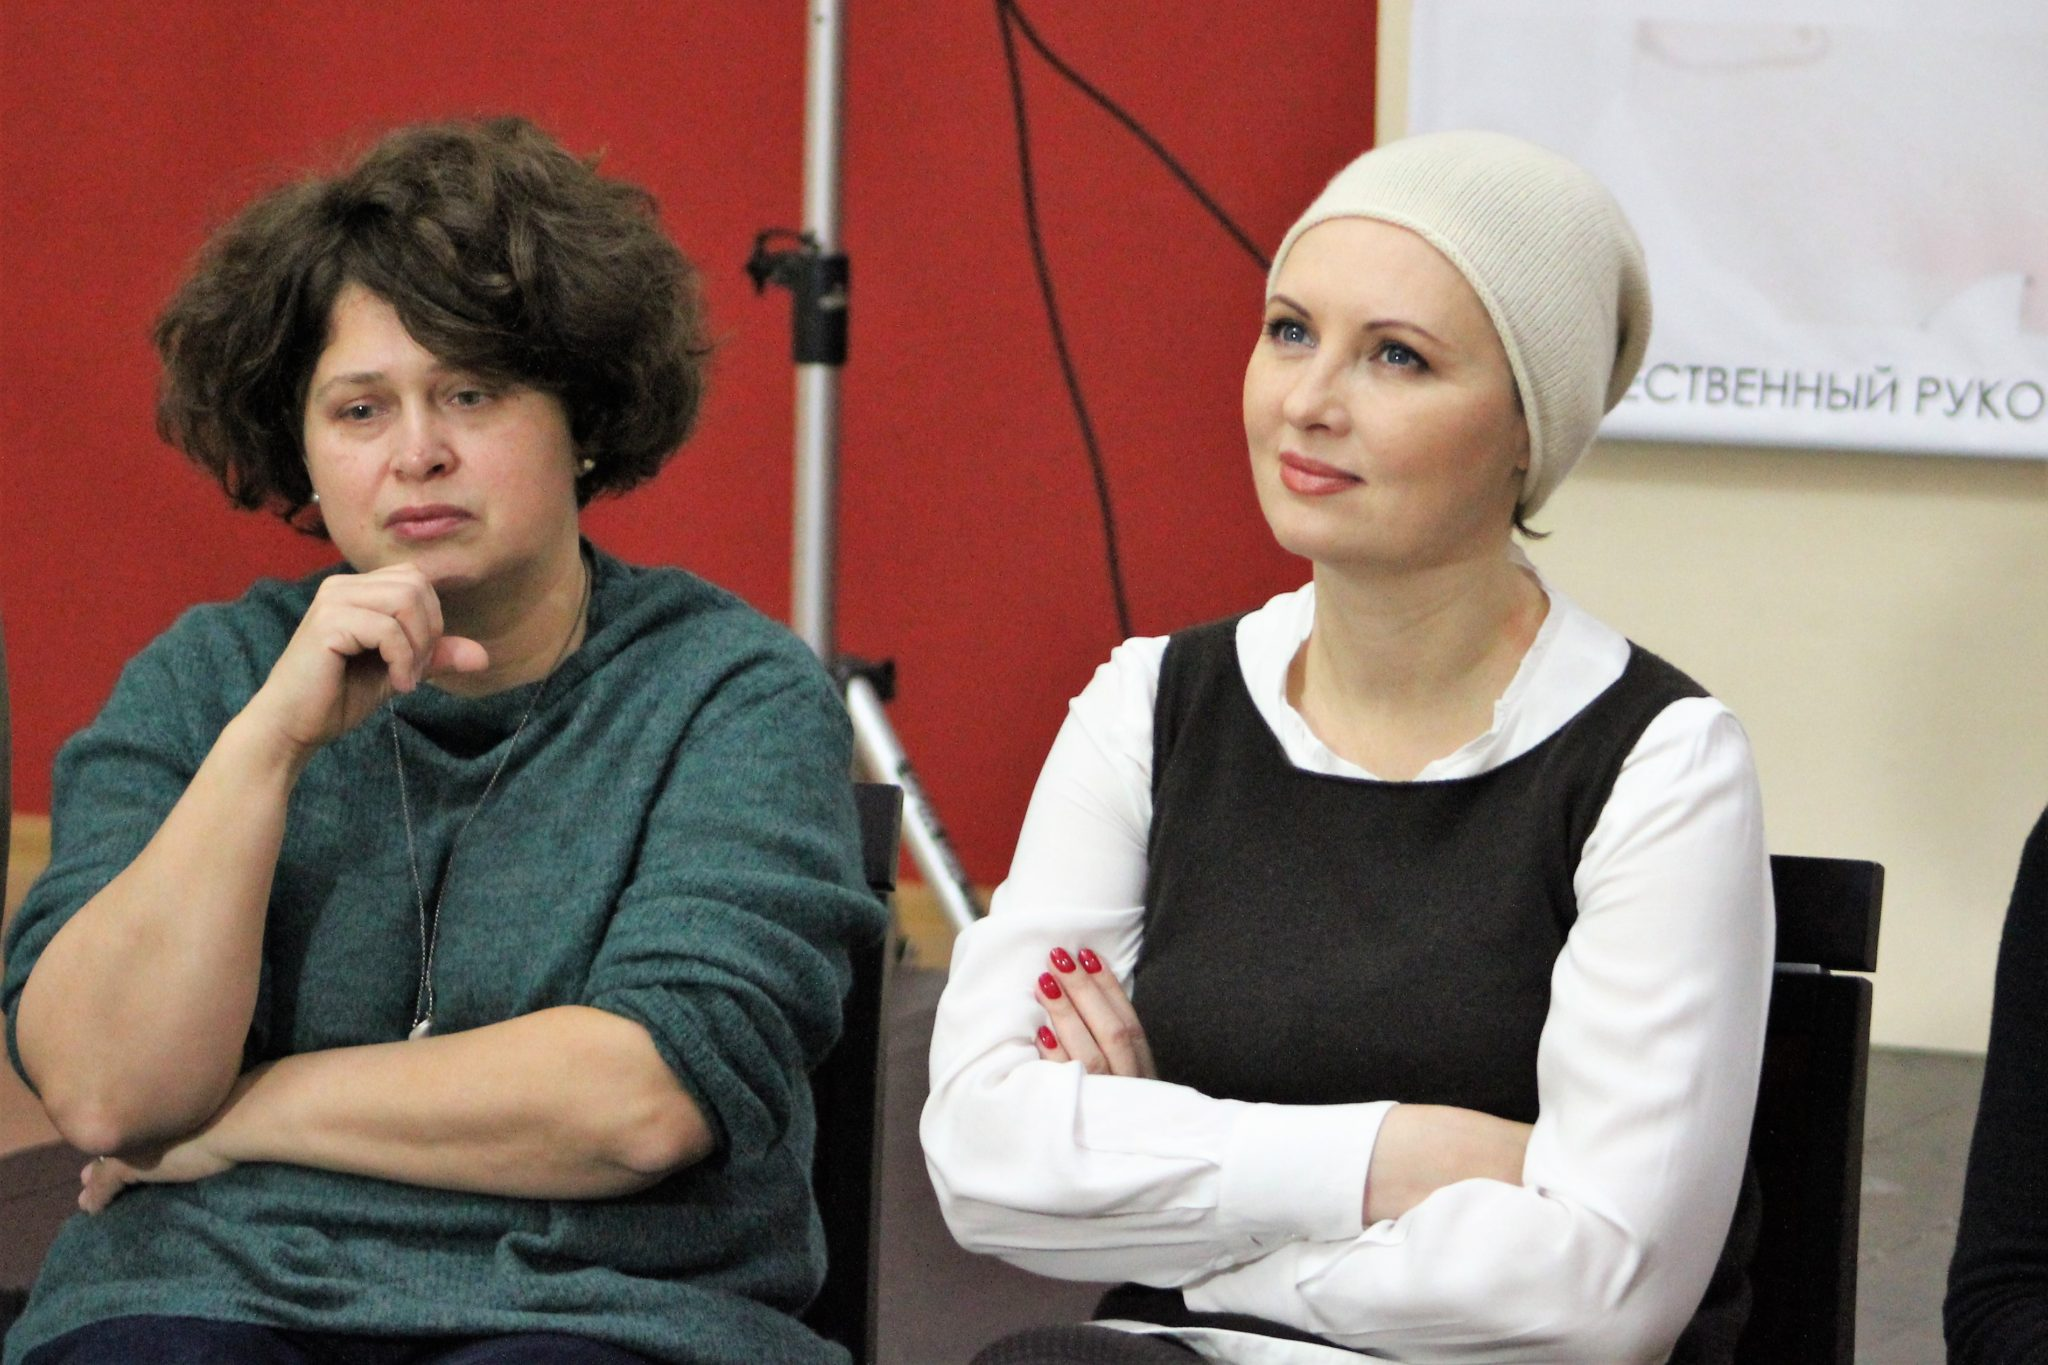 Активный театр дал пресс-конференцию астраханским СМИ